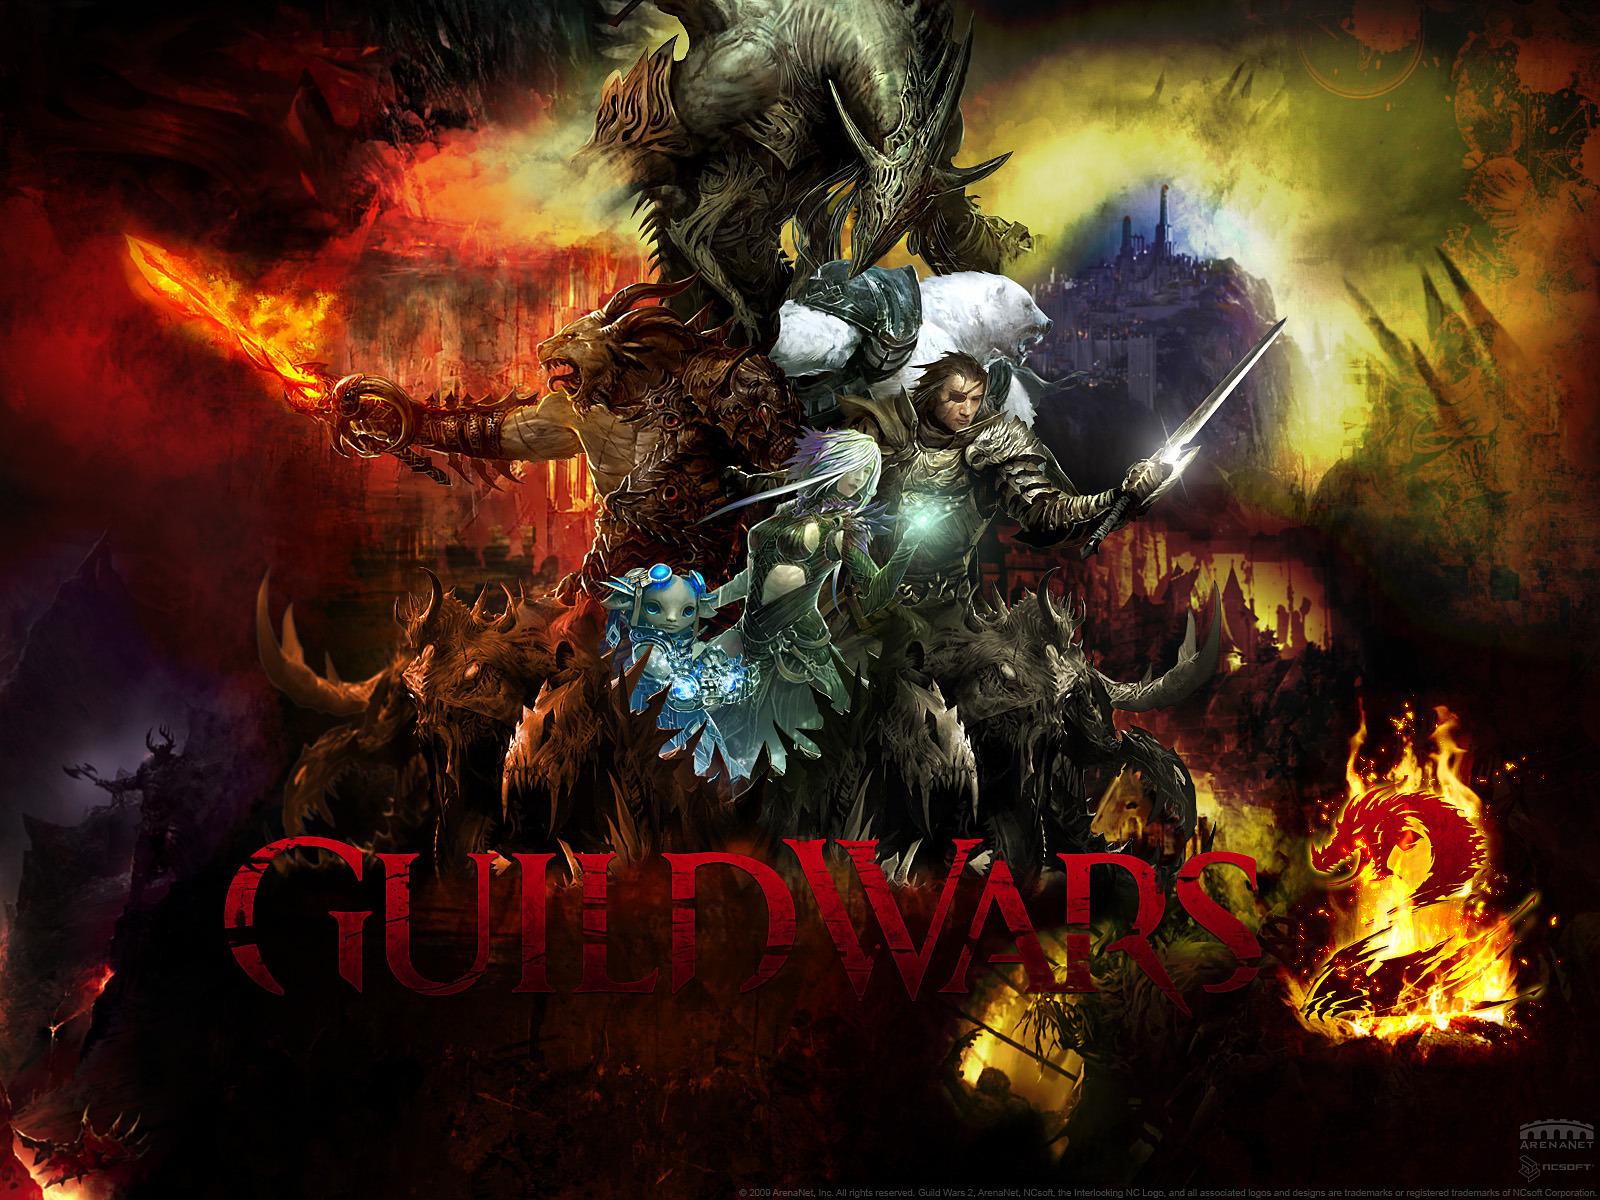 http://4.bp.blogspot.com/-A1mWeTFDSAg/TjCkaL5ELnI/AAAAAAAAAC0/Zkvan8fIZwQ/s1600/guildwars2.jpg